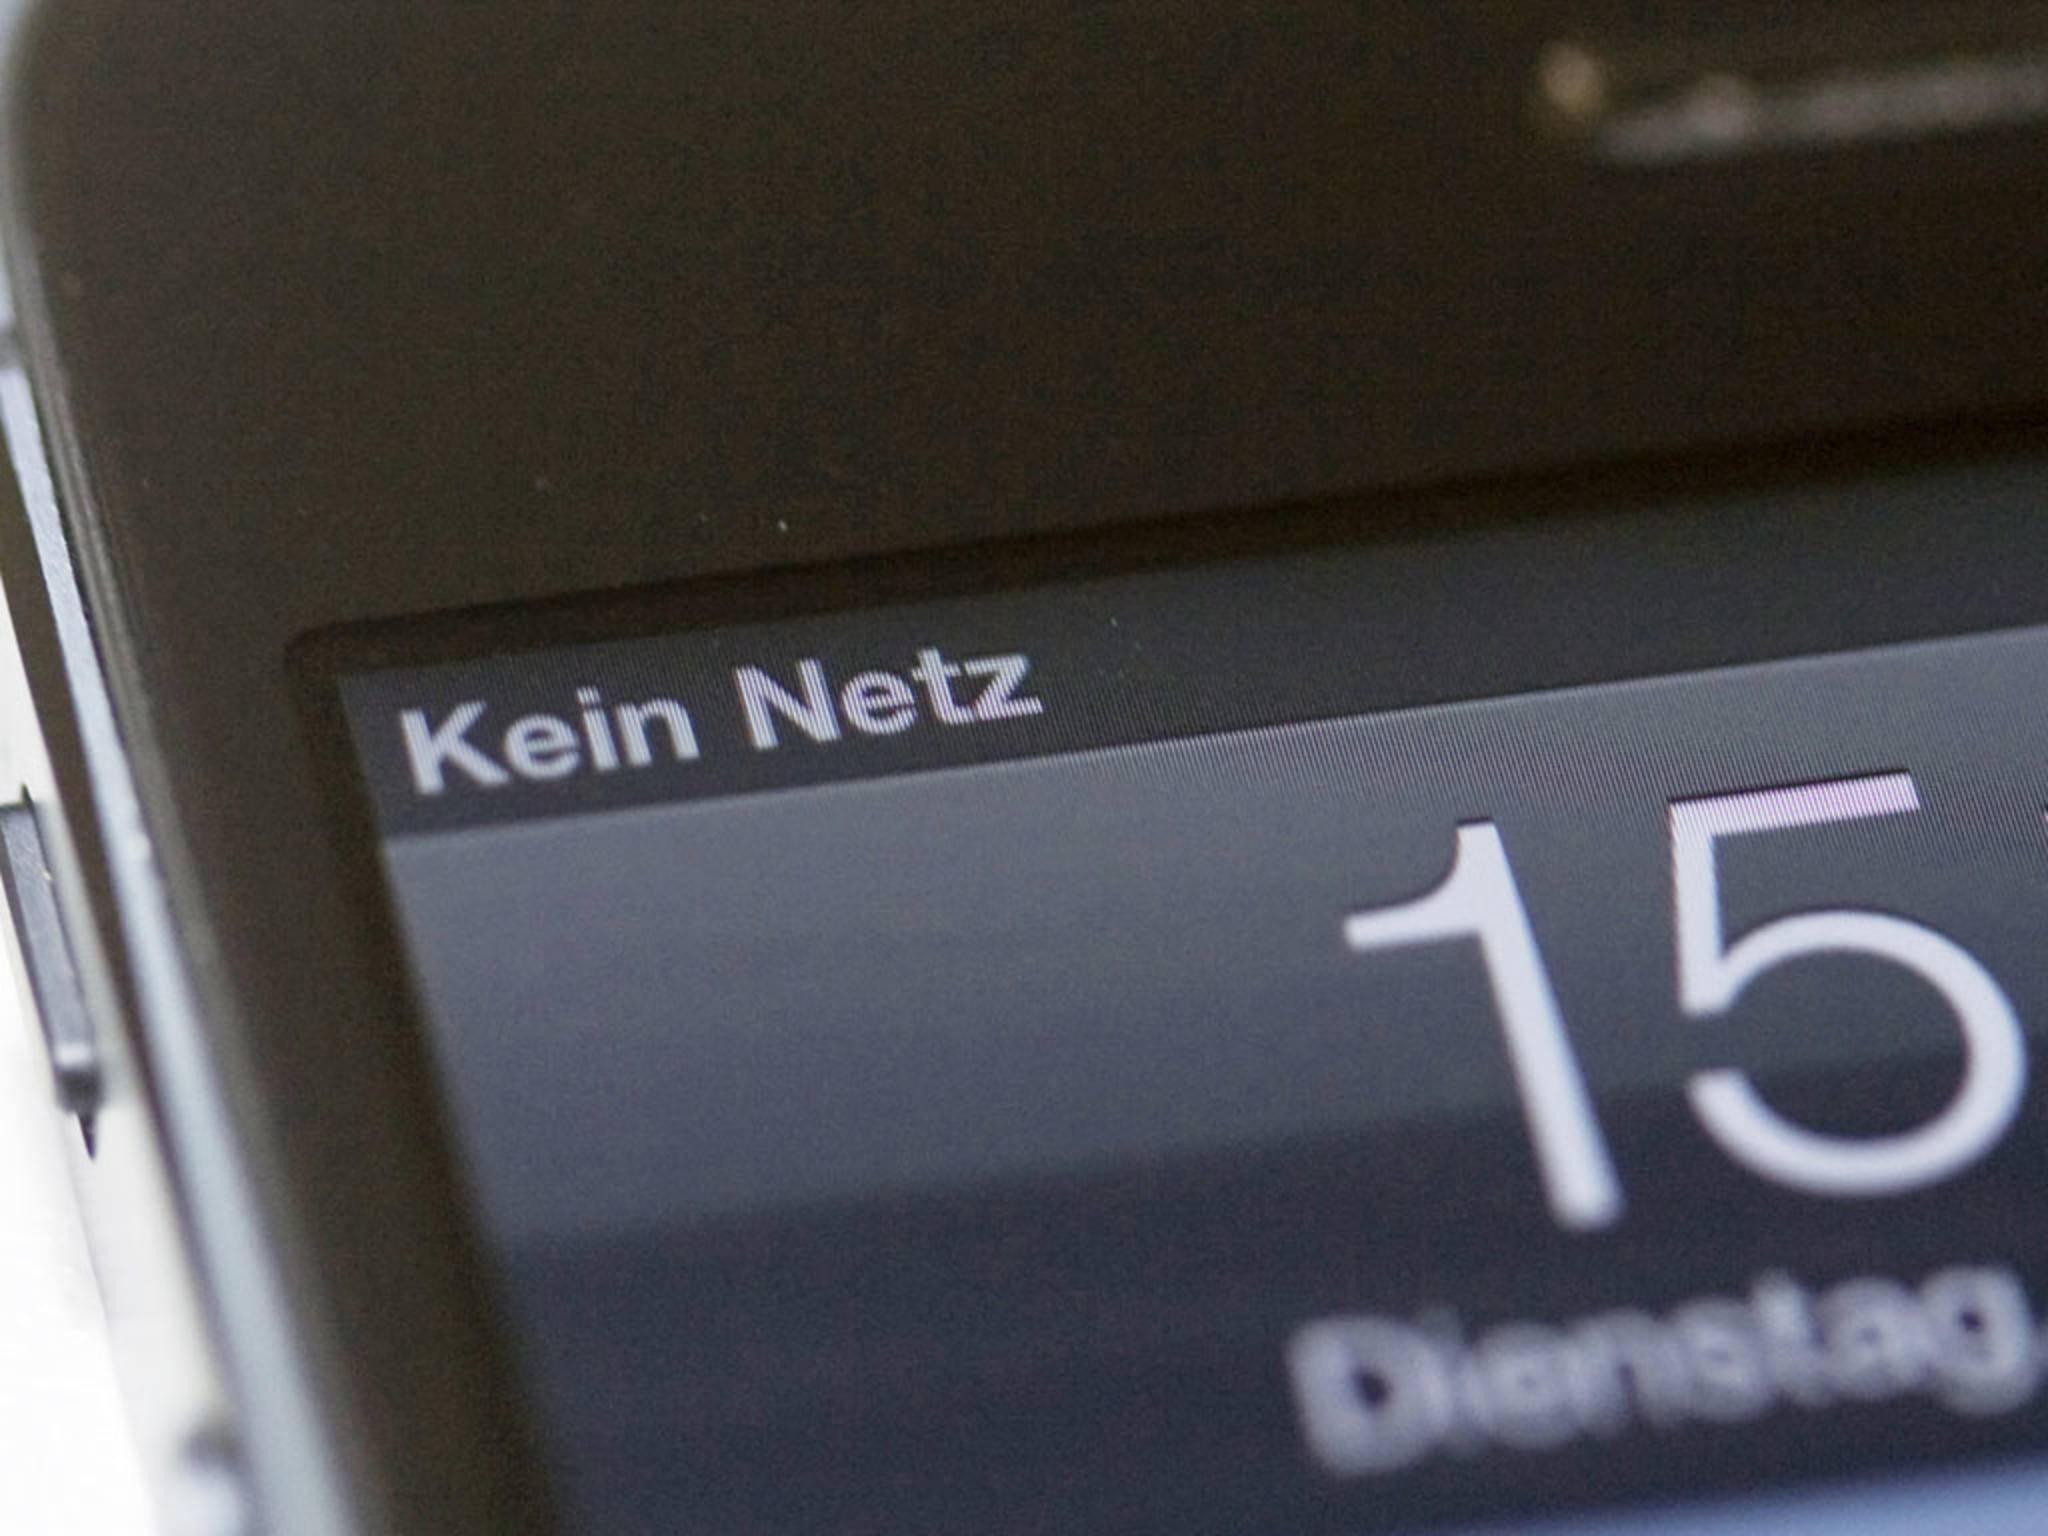 Kein Netz: Mit dieser versteckten App erfährst Du den exakten Wert der Signalstärke.